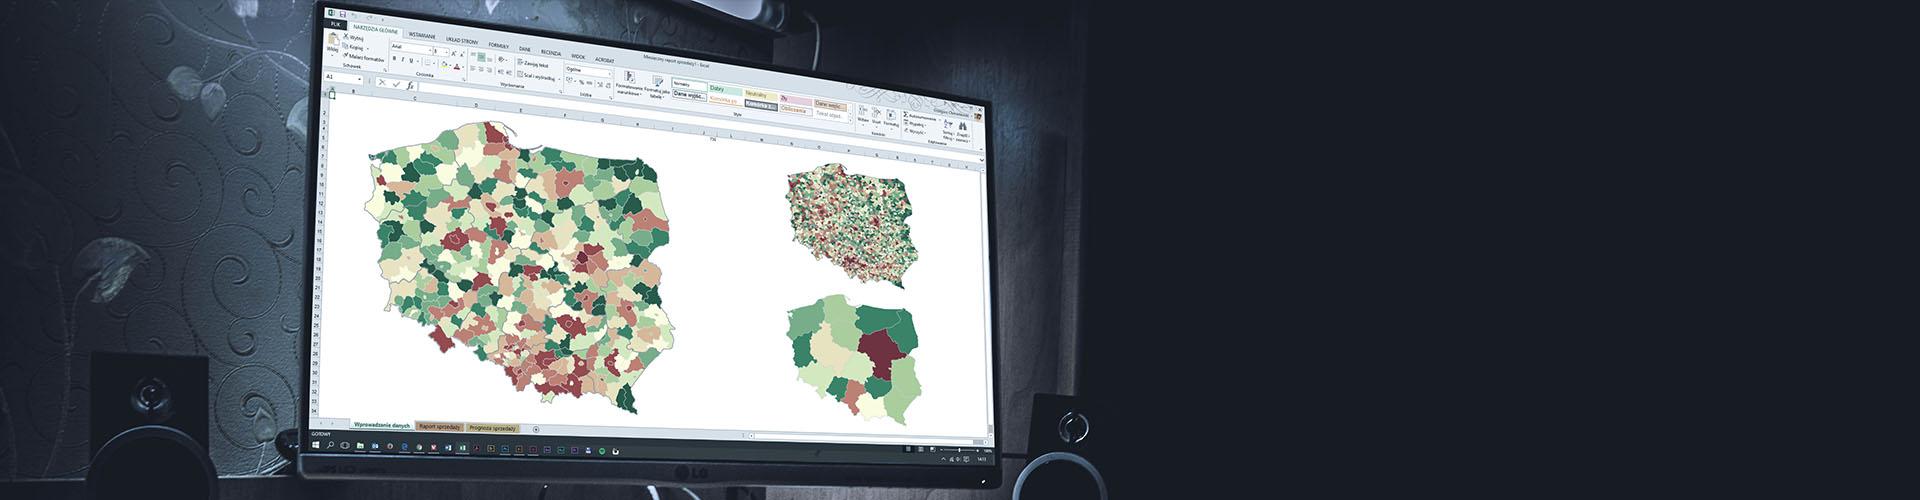 mapa-polski-slajd